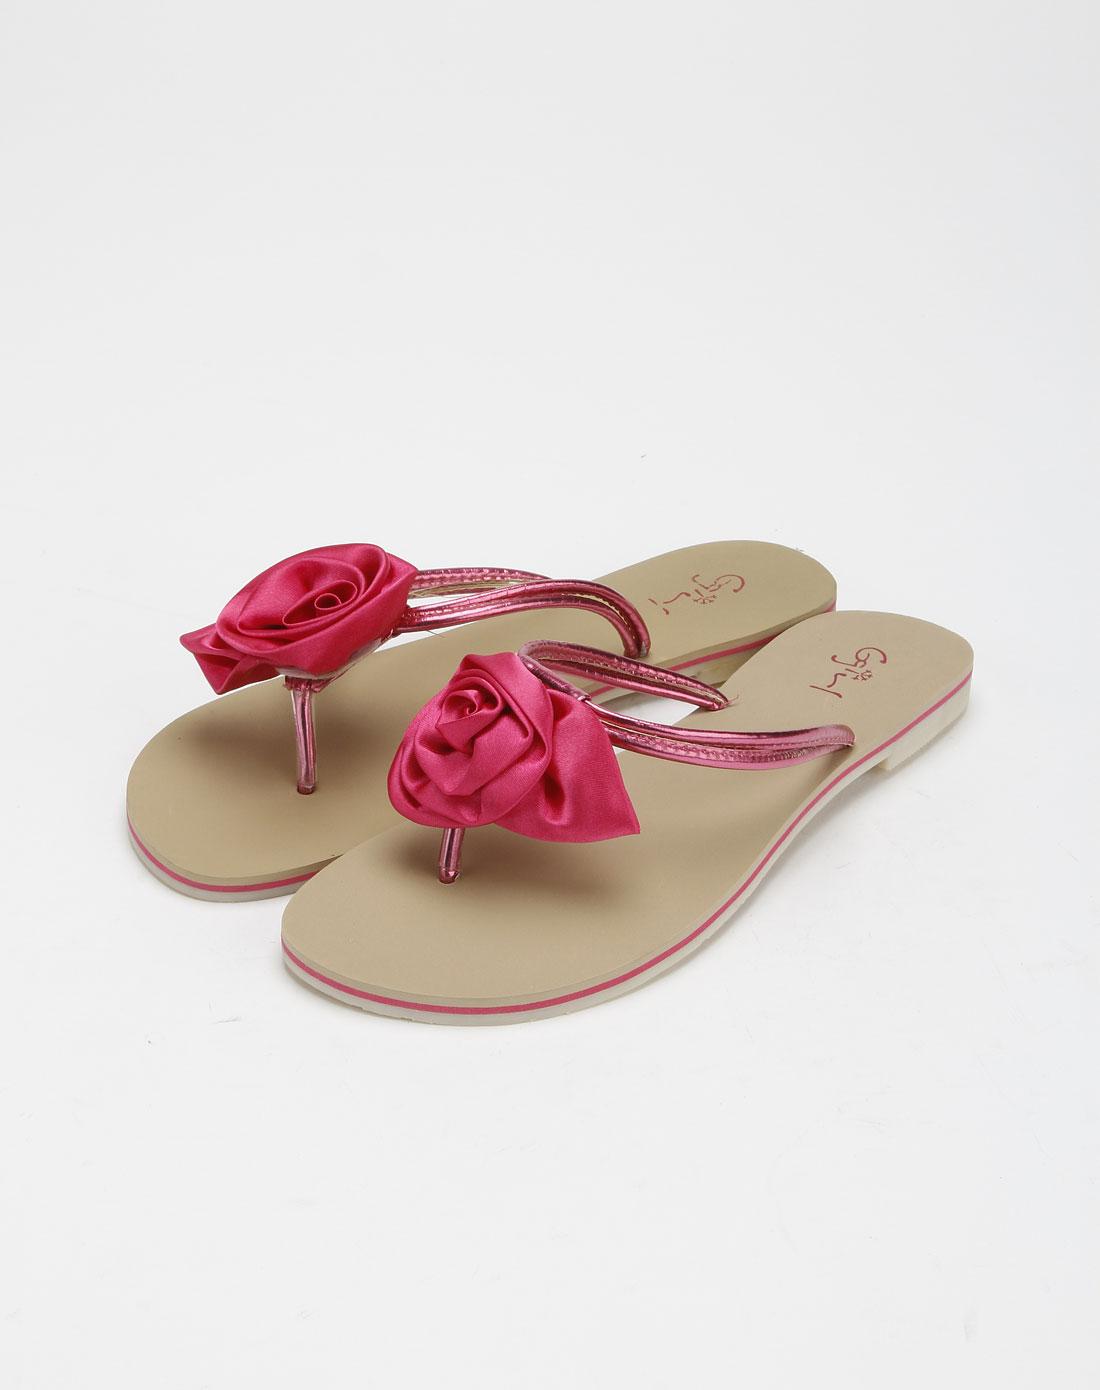 ggirl女鞋专场玫红色贴玫瑰花人字凉拖